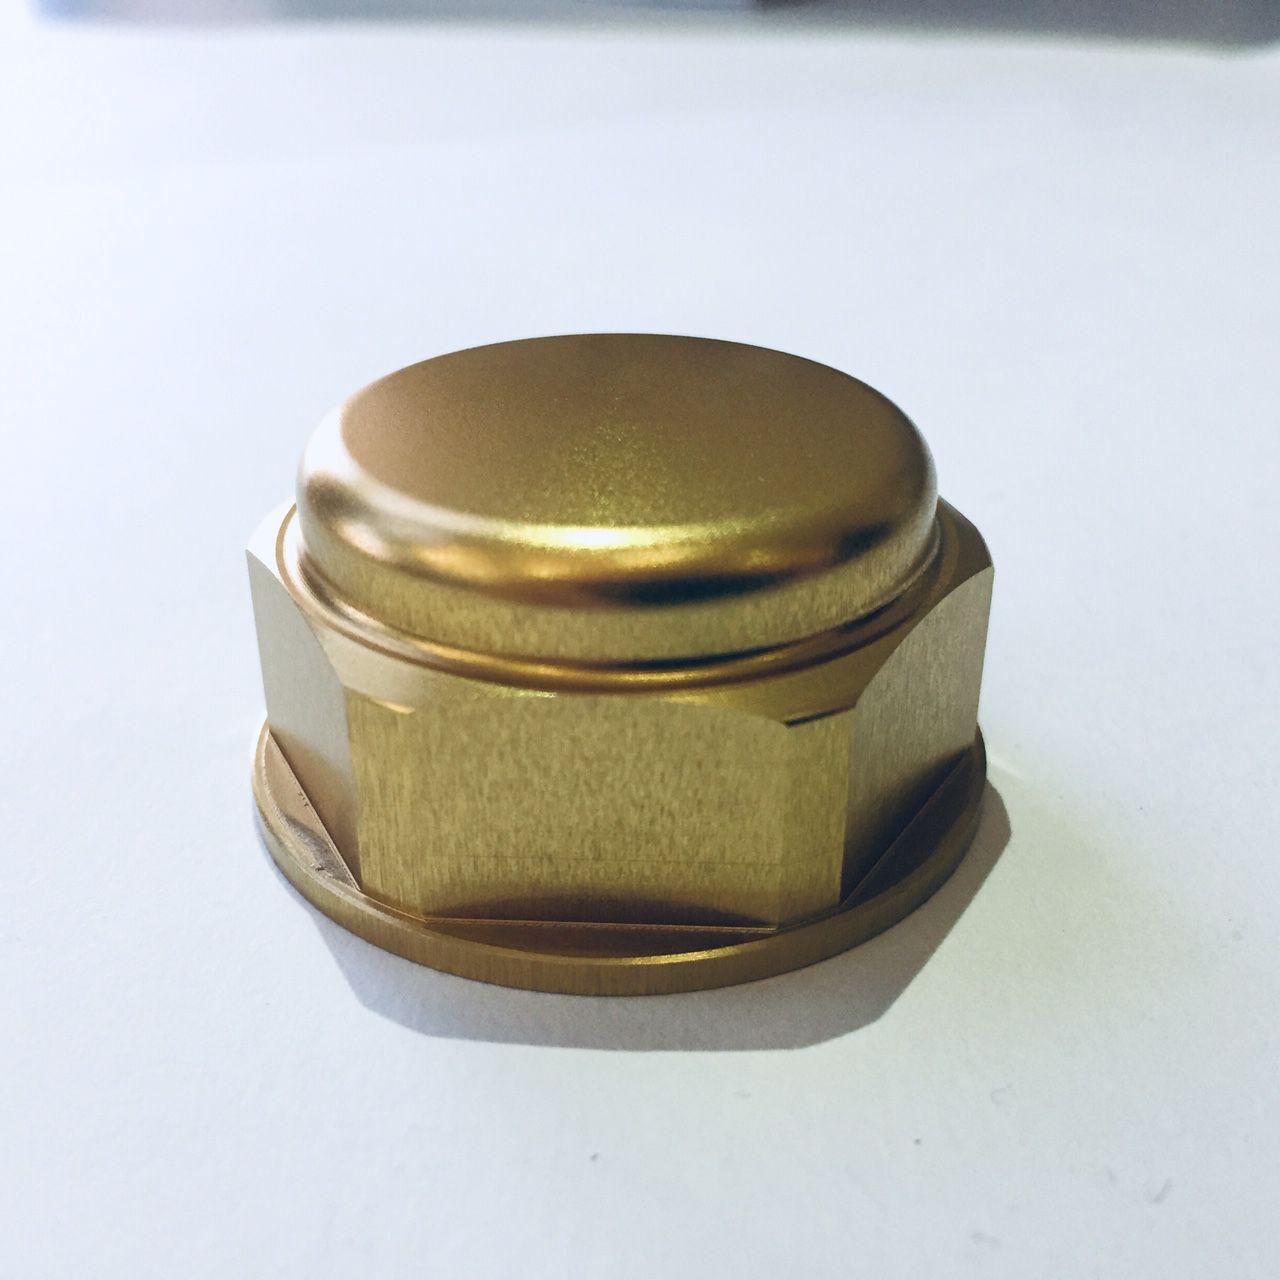 Porca central da mesa 22mm x 1.00mm Fechada Dourado